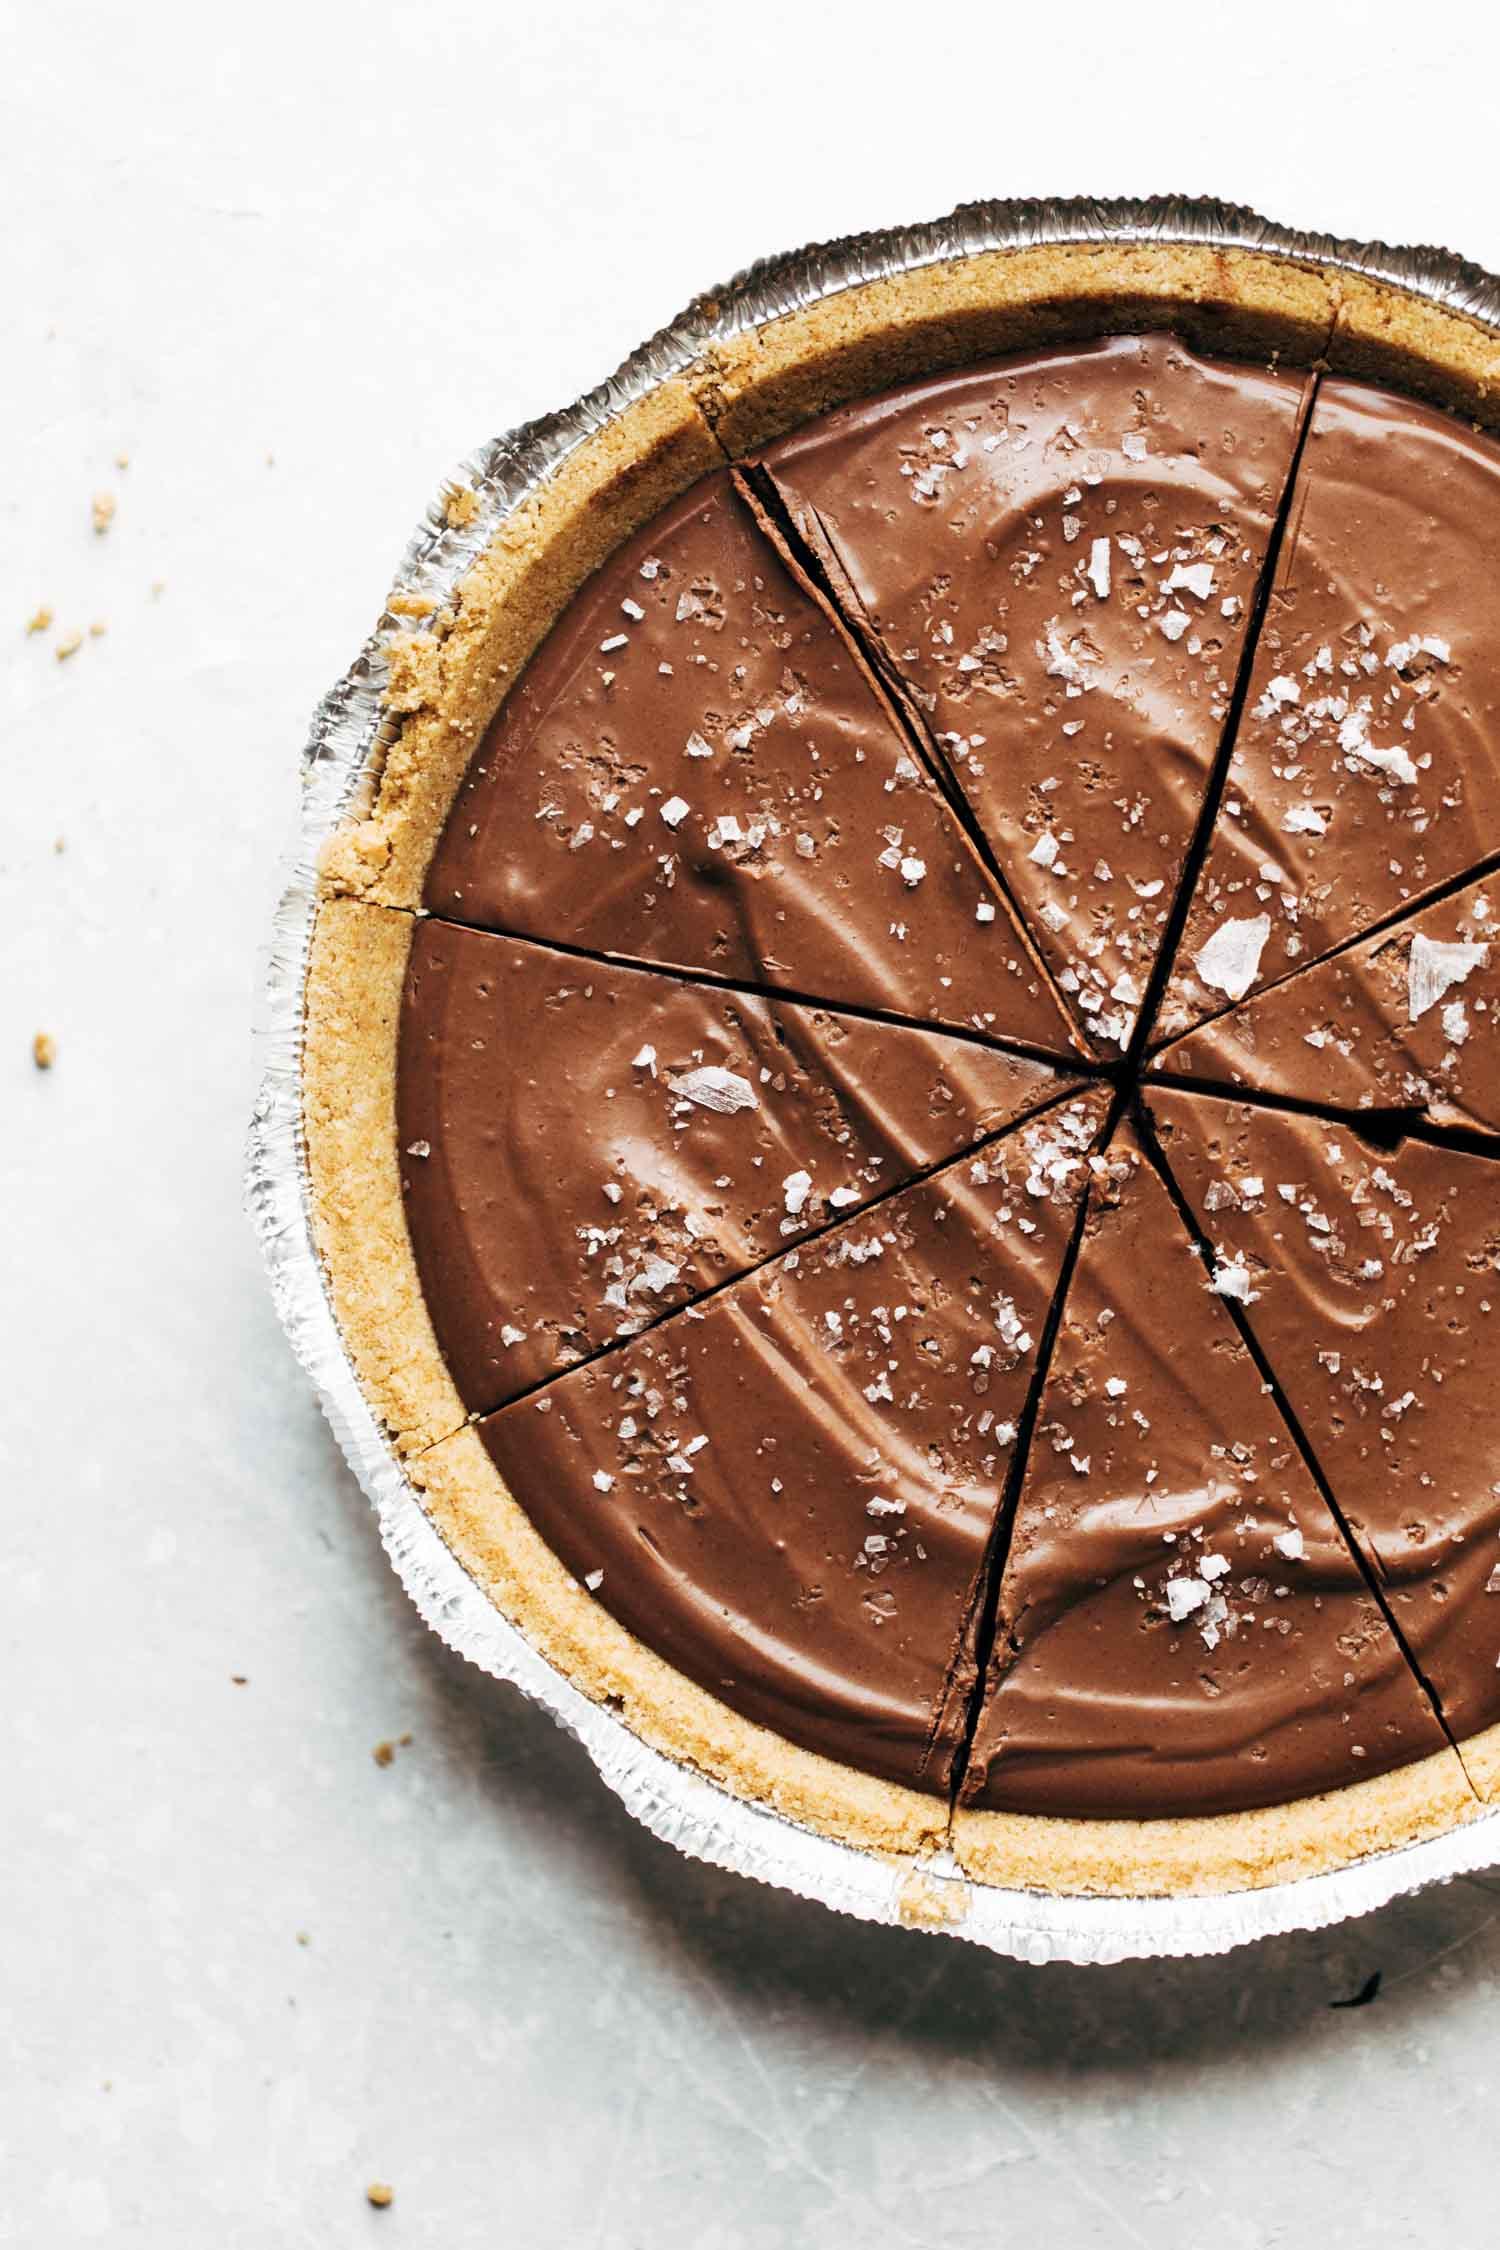 chocolate pie in a foil pie dish